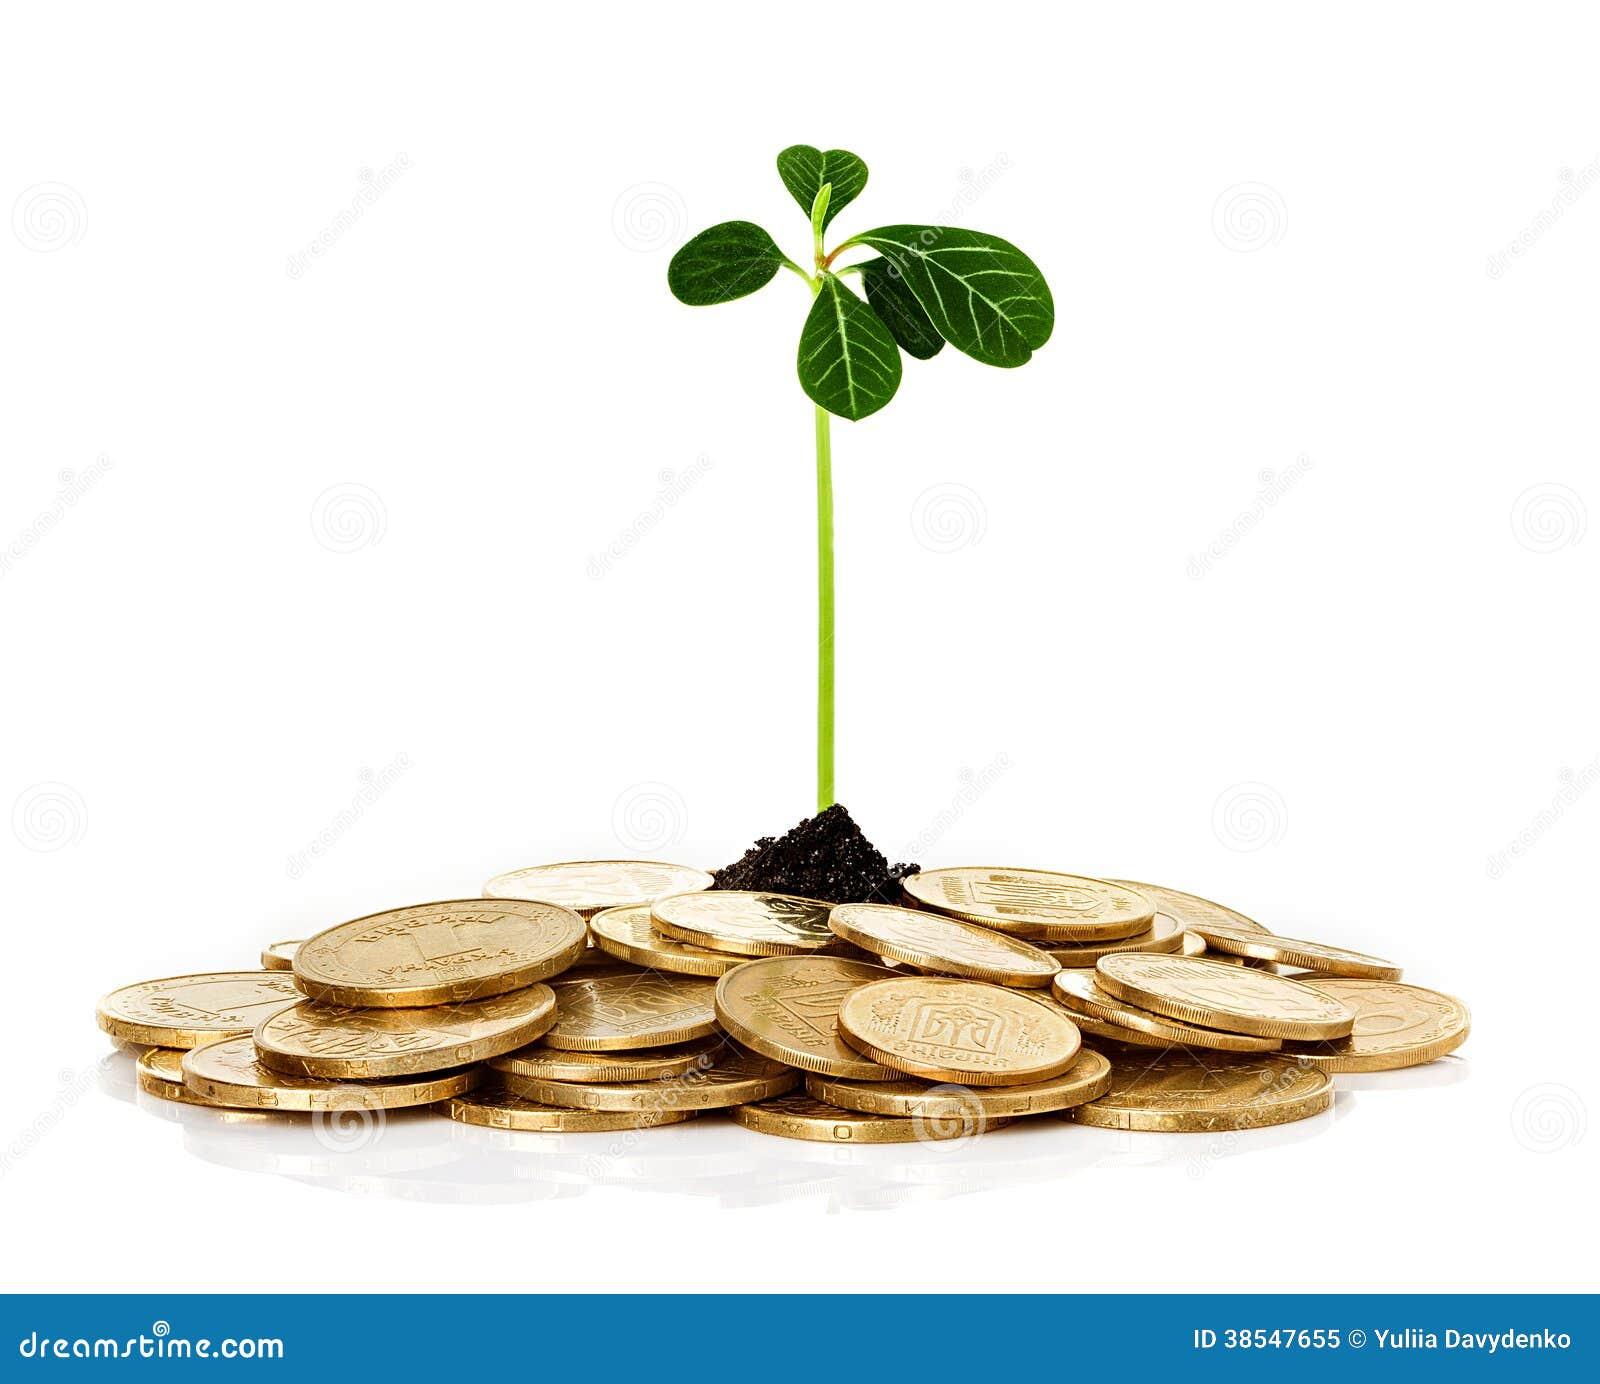 Planta del brote que brota de monedas